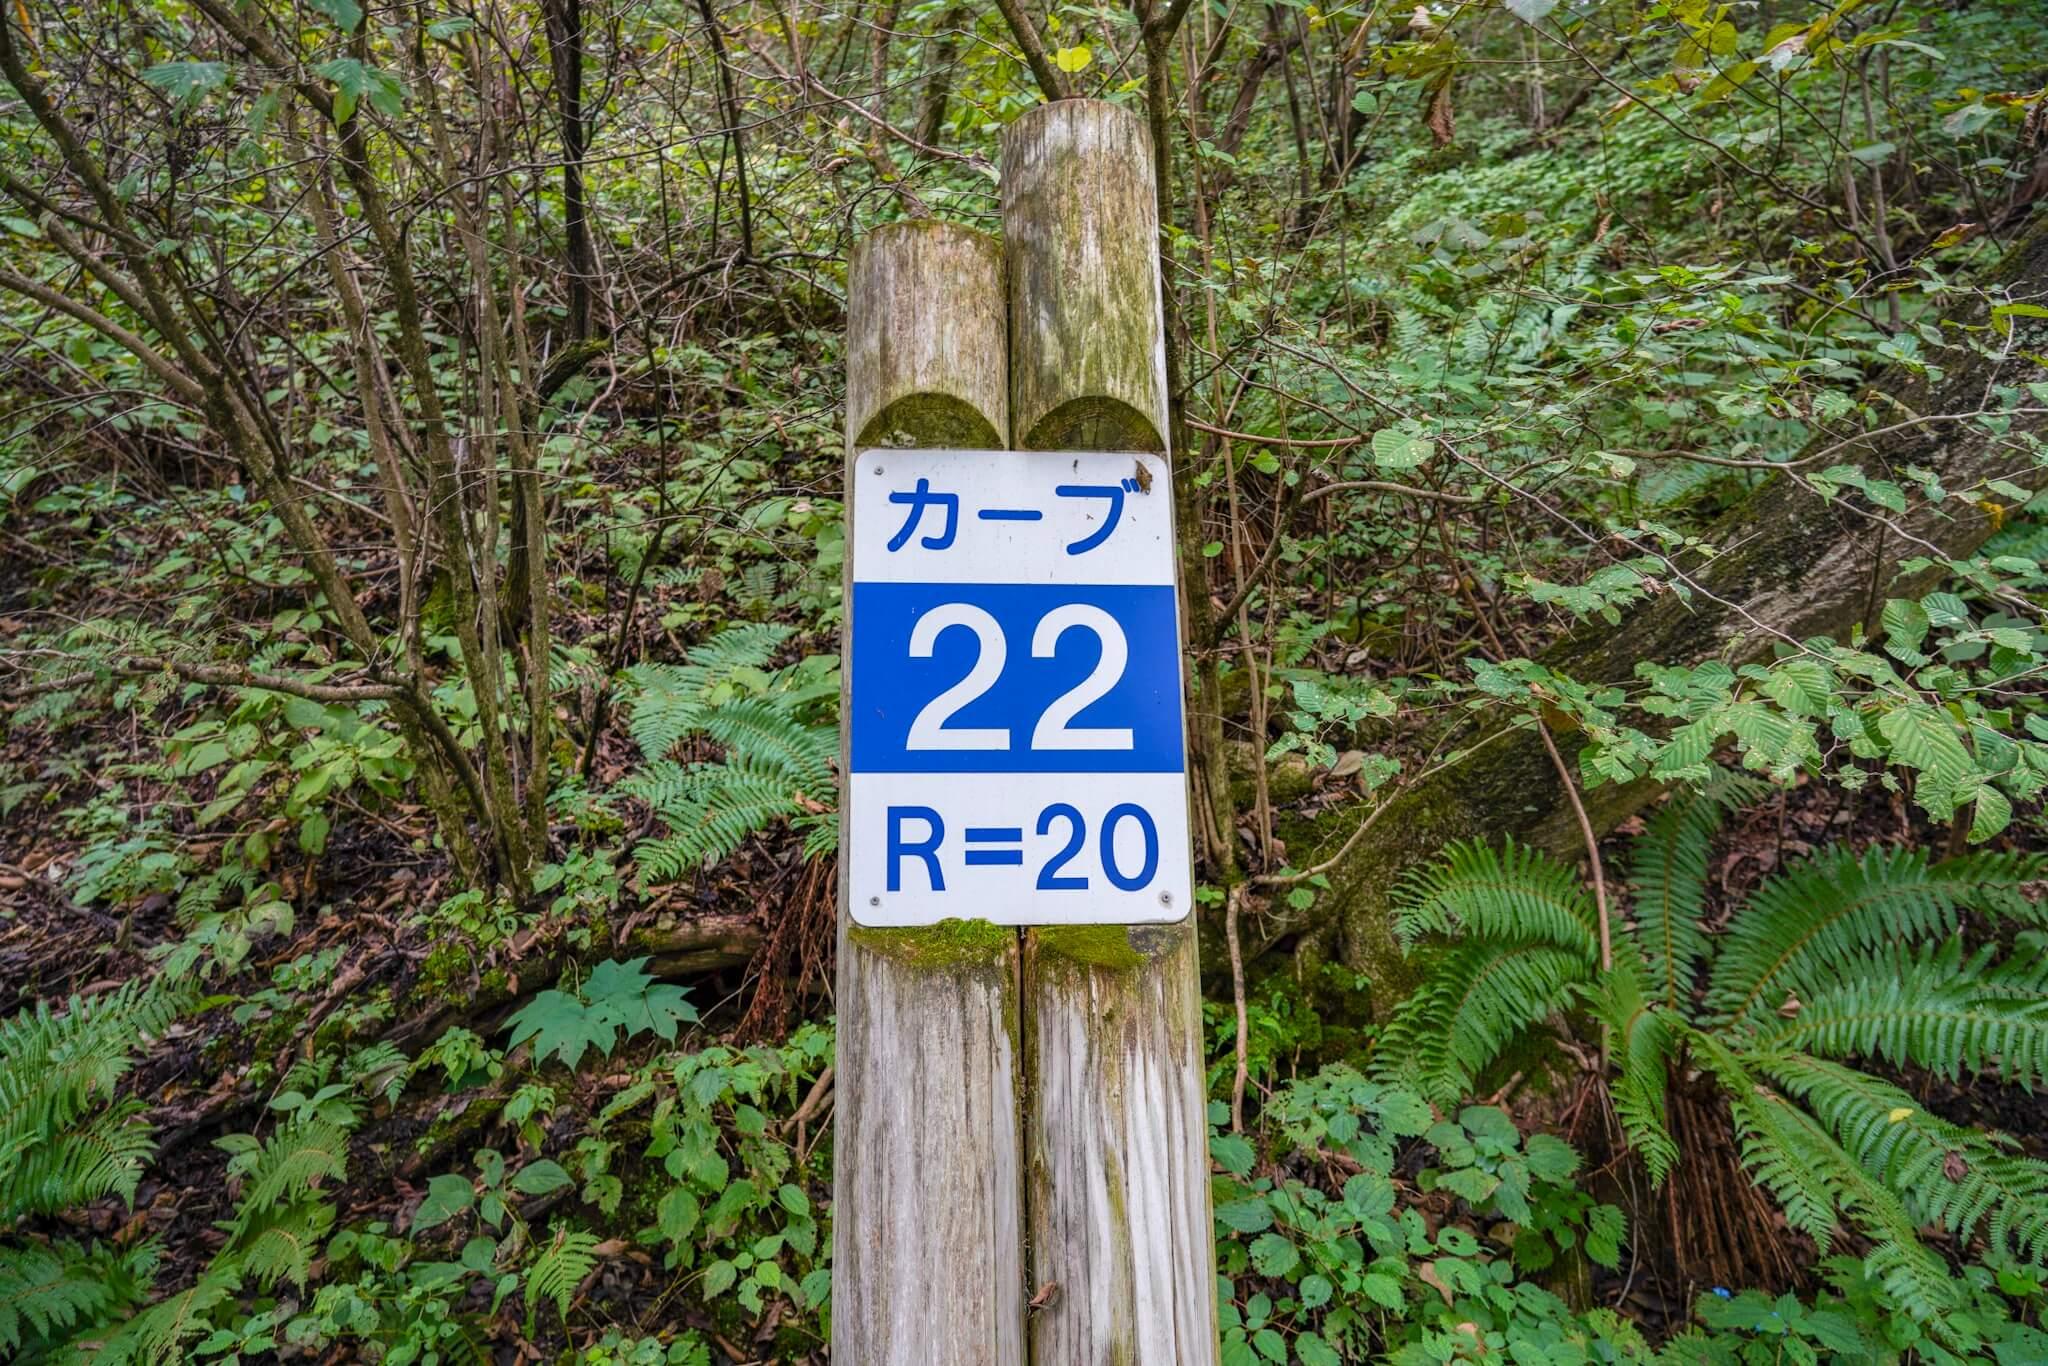 榛名山(秋名山)カーブNo.22